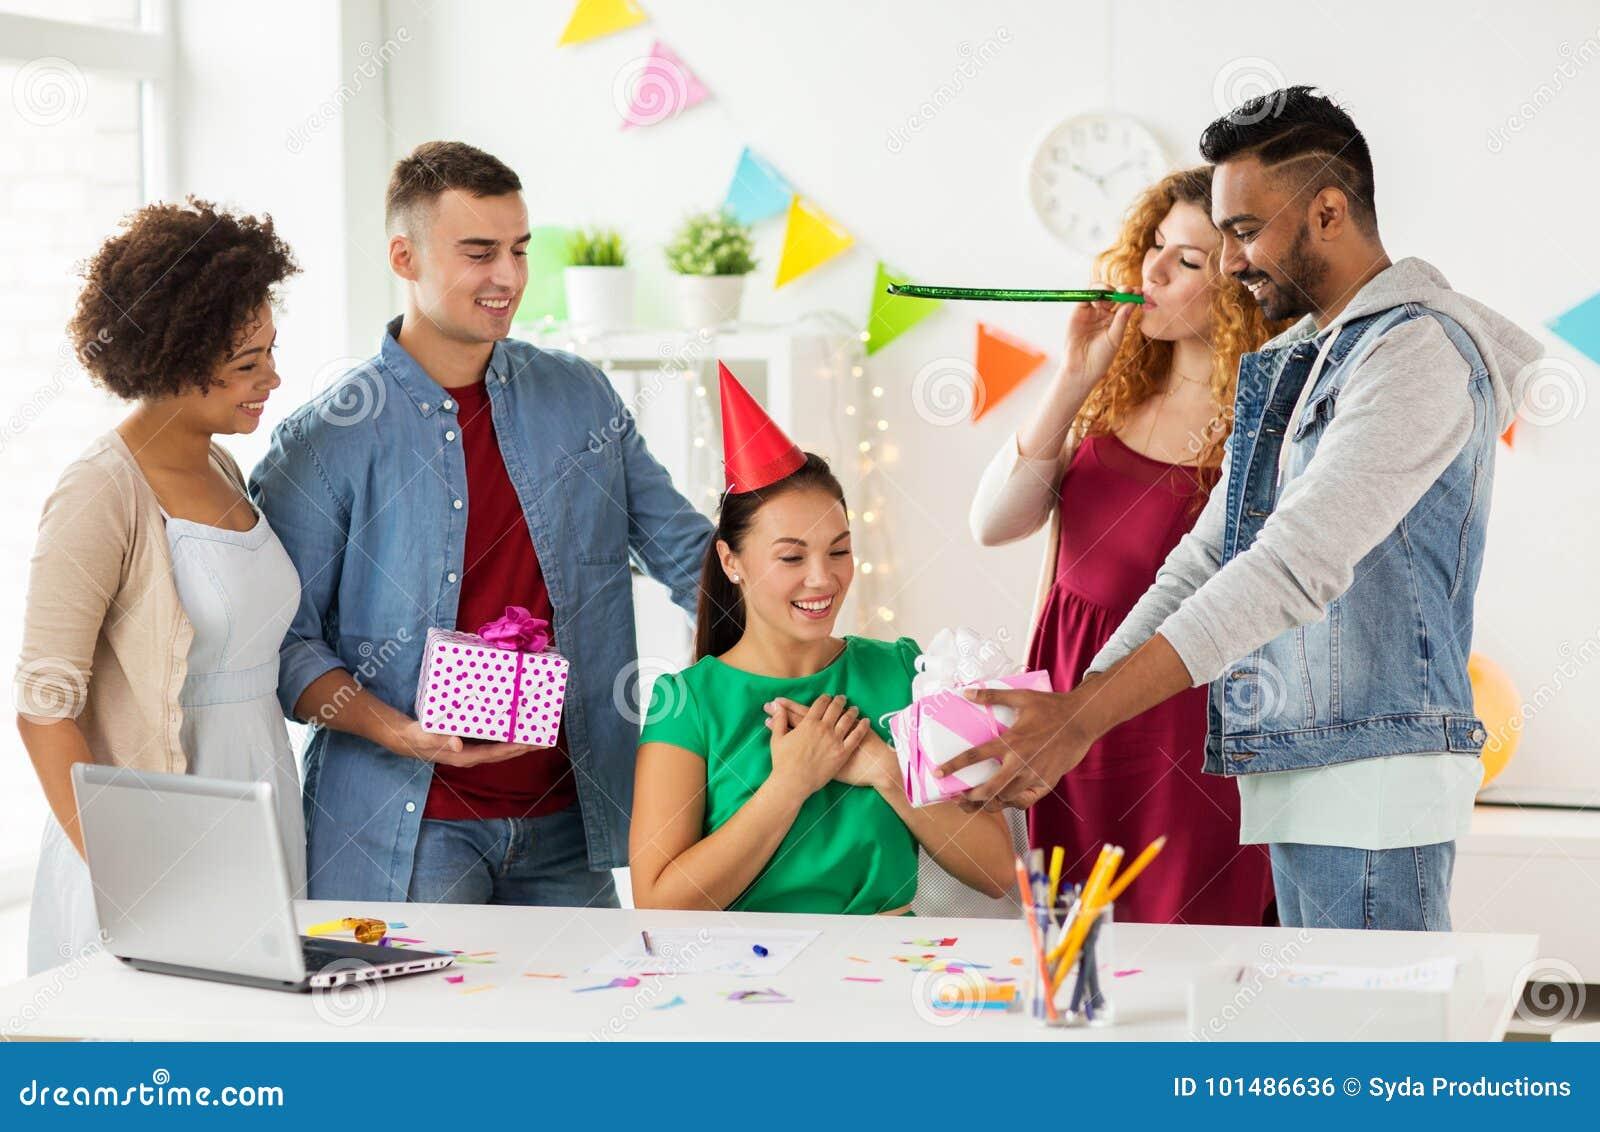 Коллега приветствию команды на вечеринке по случаю дня рождения офиса